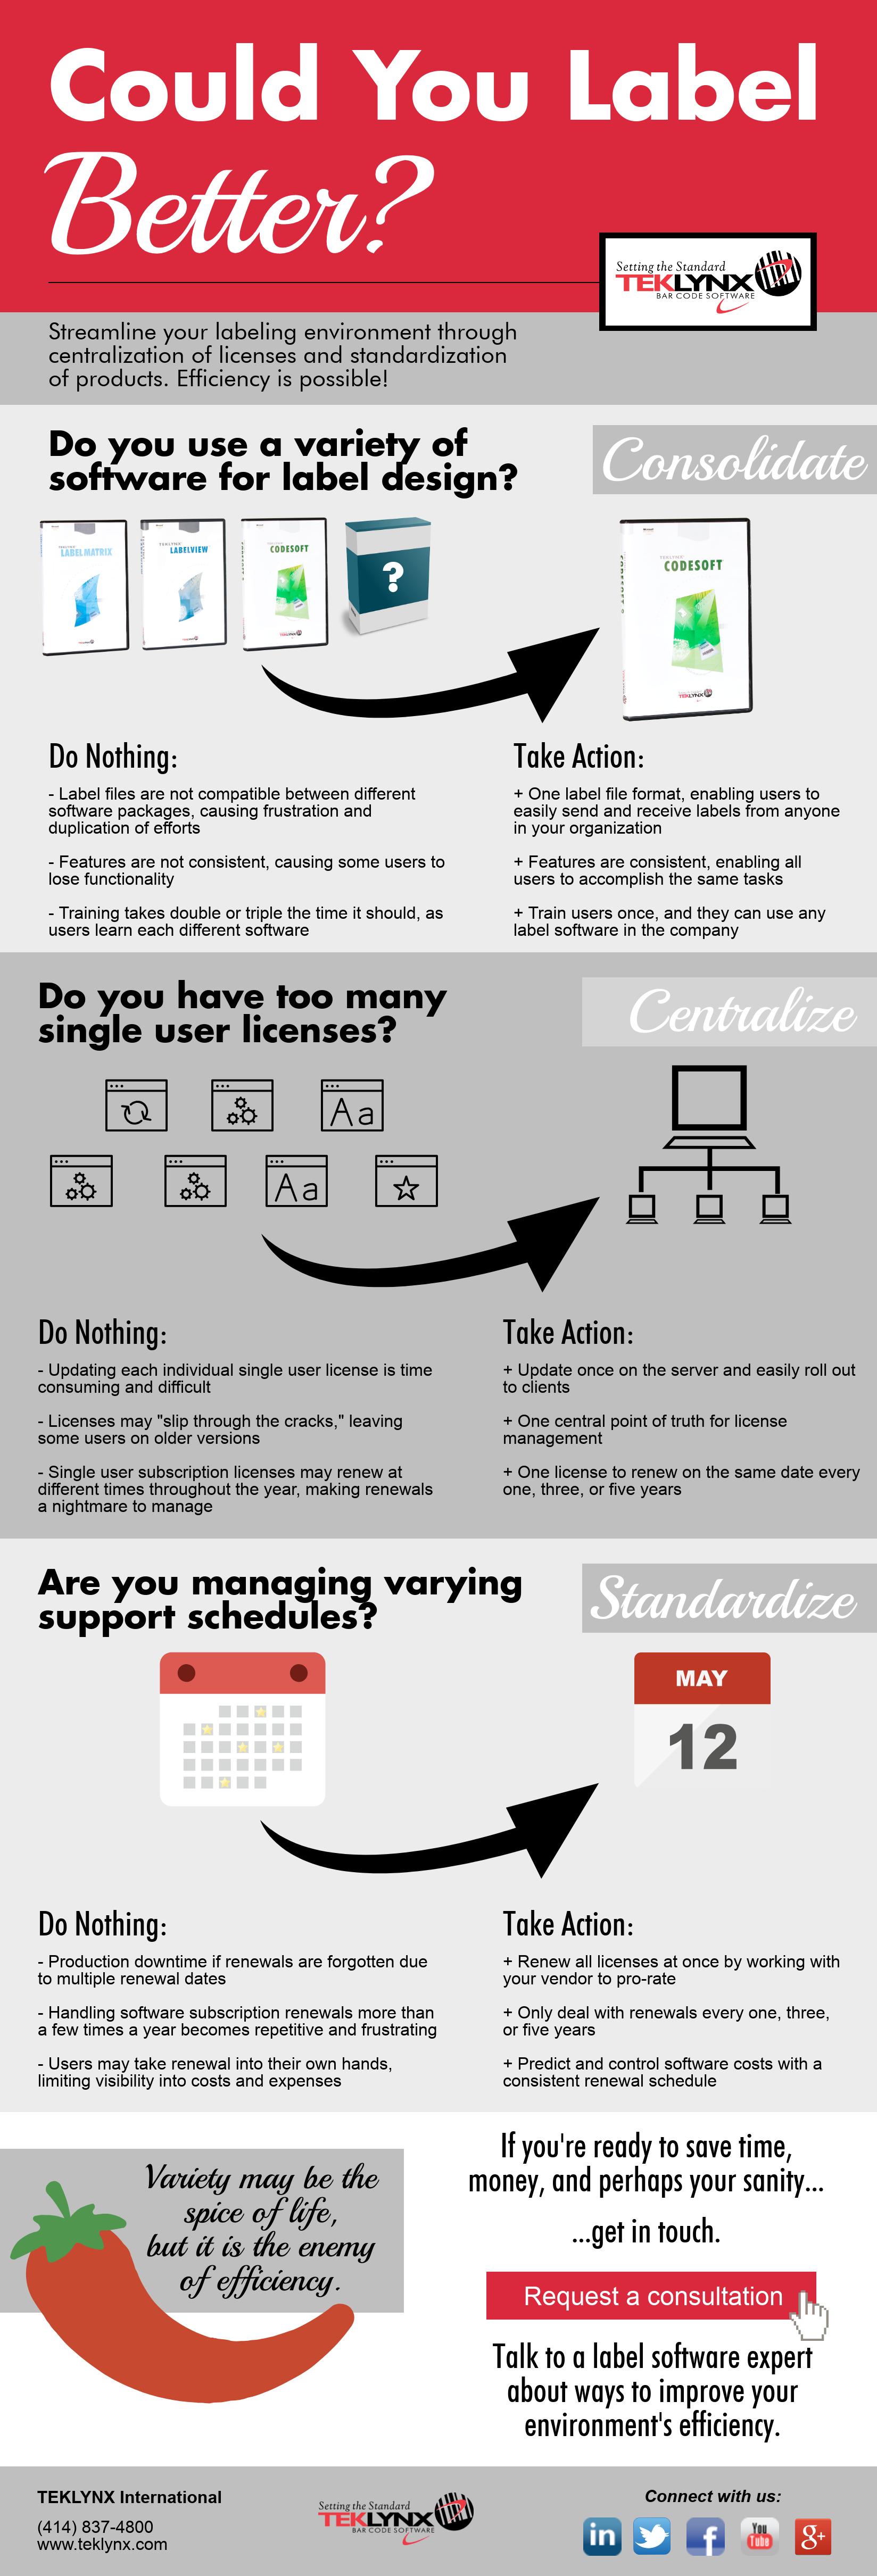 資訊圖表:您的標籤操作能力增強了嗎?